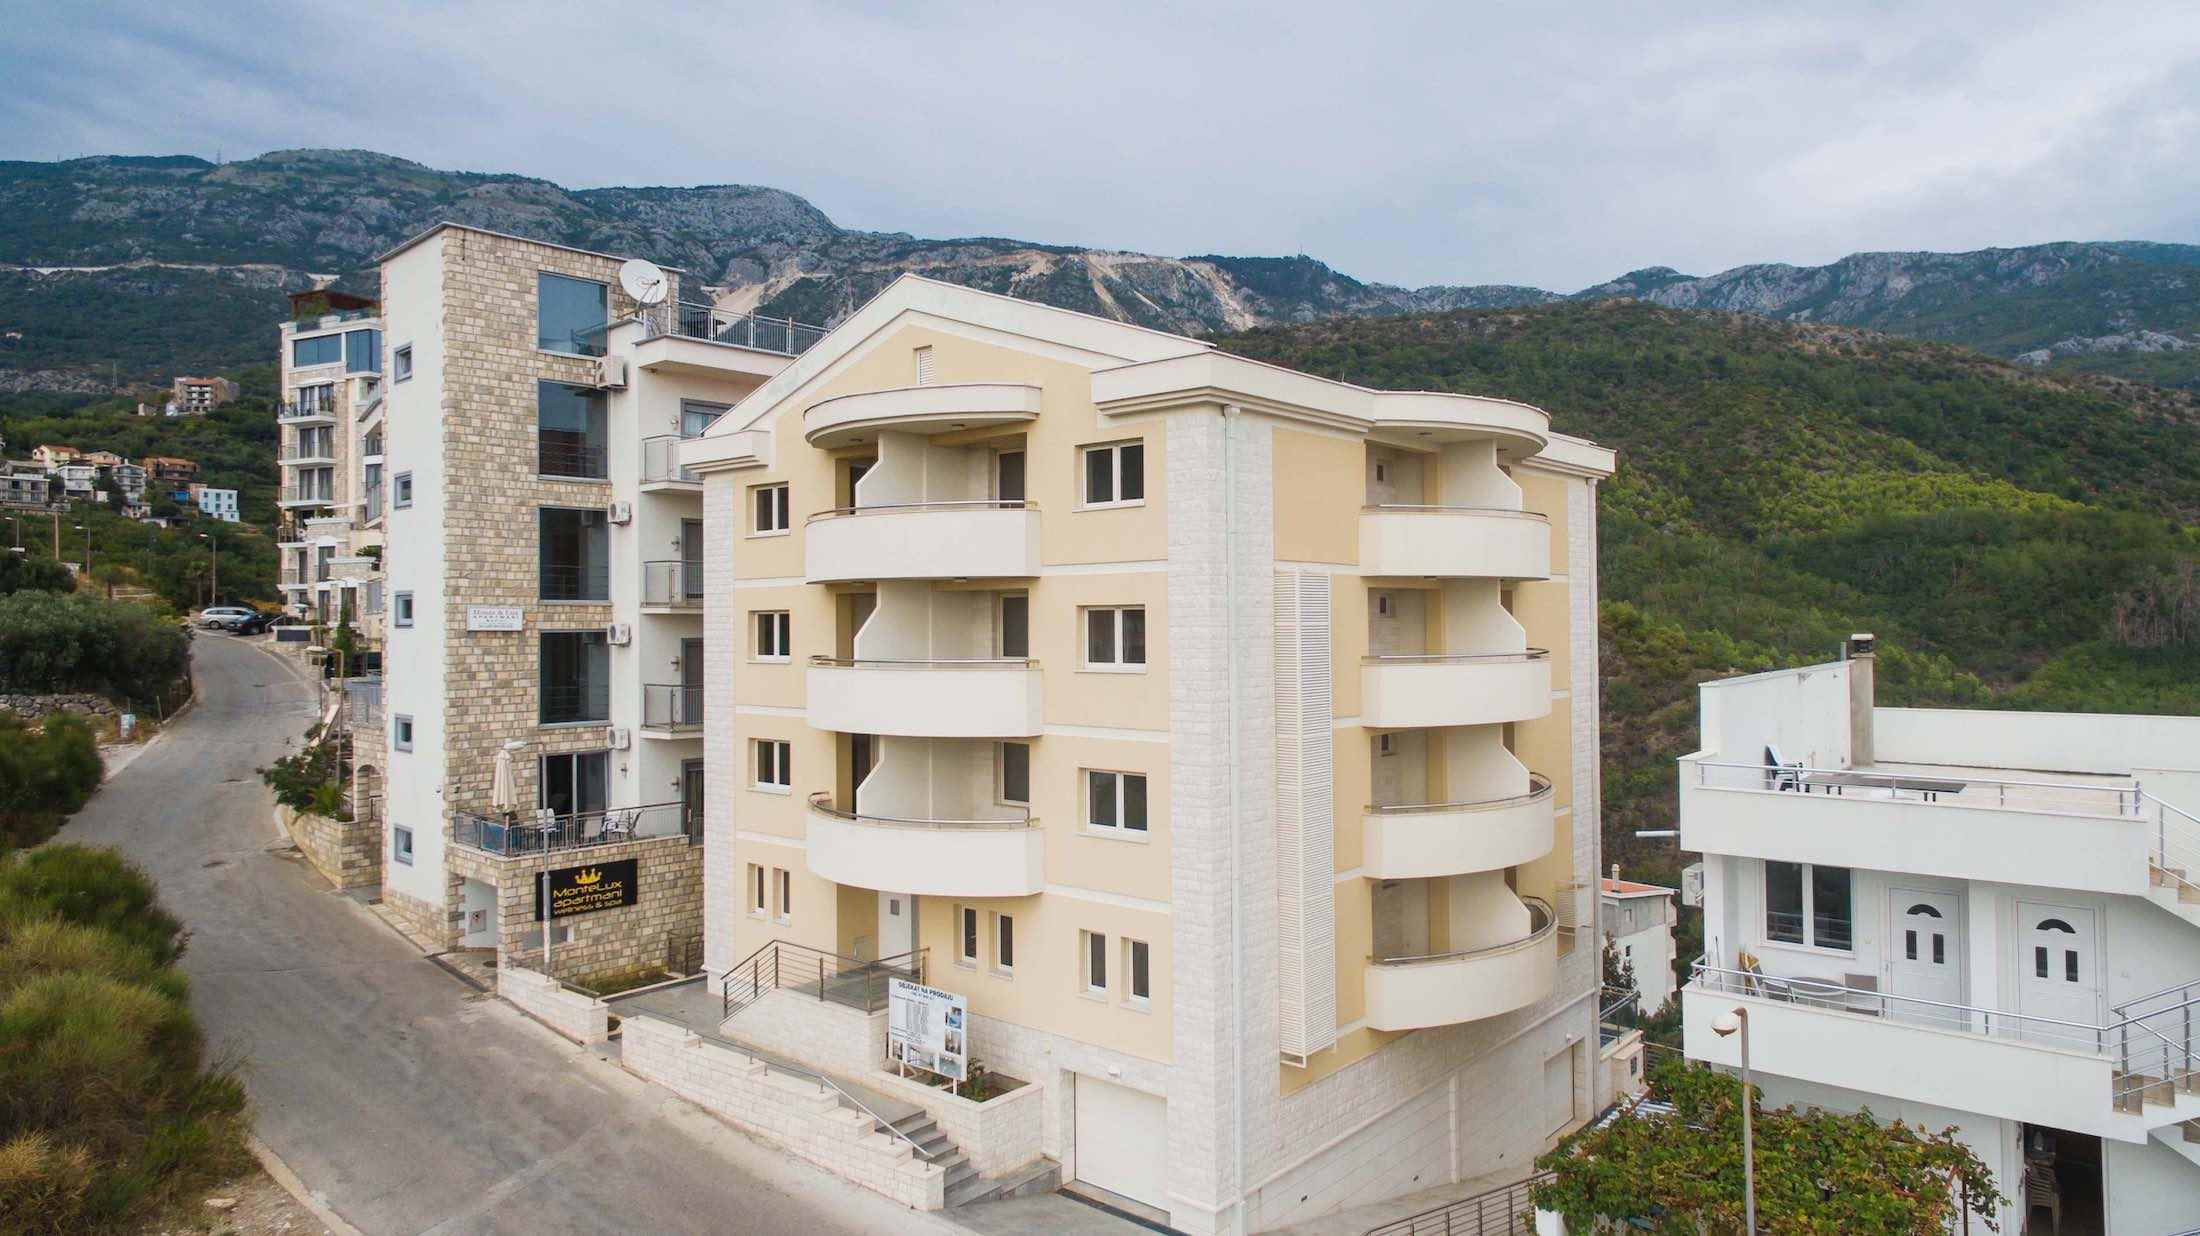 IVANOVICI ANATOLIA доходная недвижимость в черногории Бечичи Будва41.jpeg